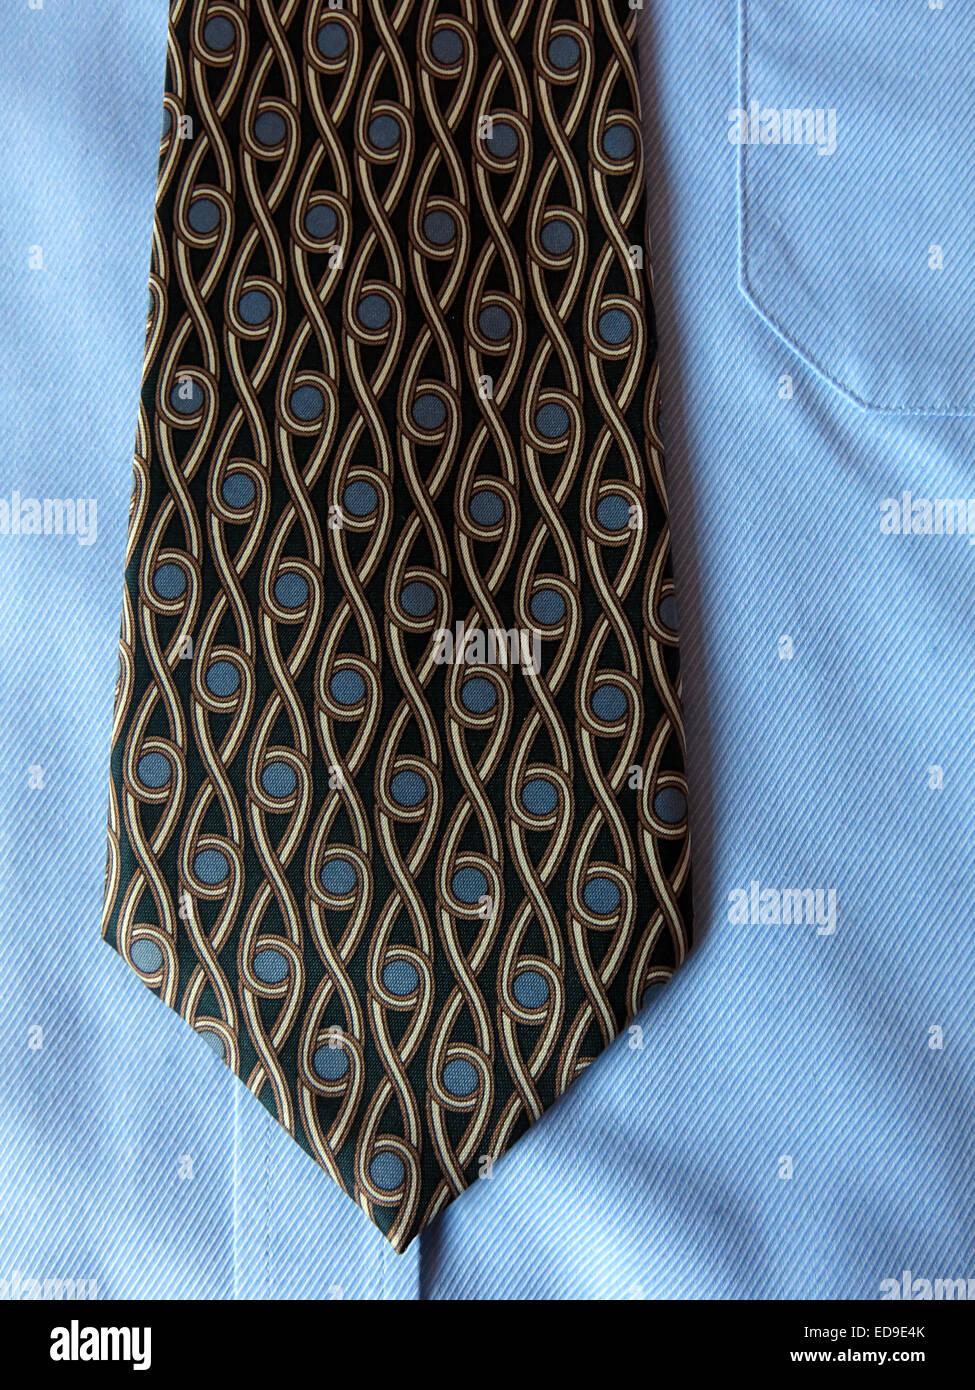 Laden Sie dieses Alamy Stockfoto Interessante Oldtimer Isrida Krawatte, männliche Antik in Seide - ED9E4K